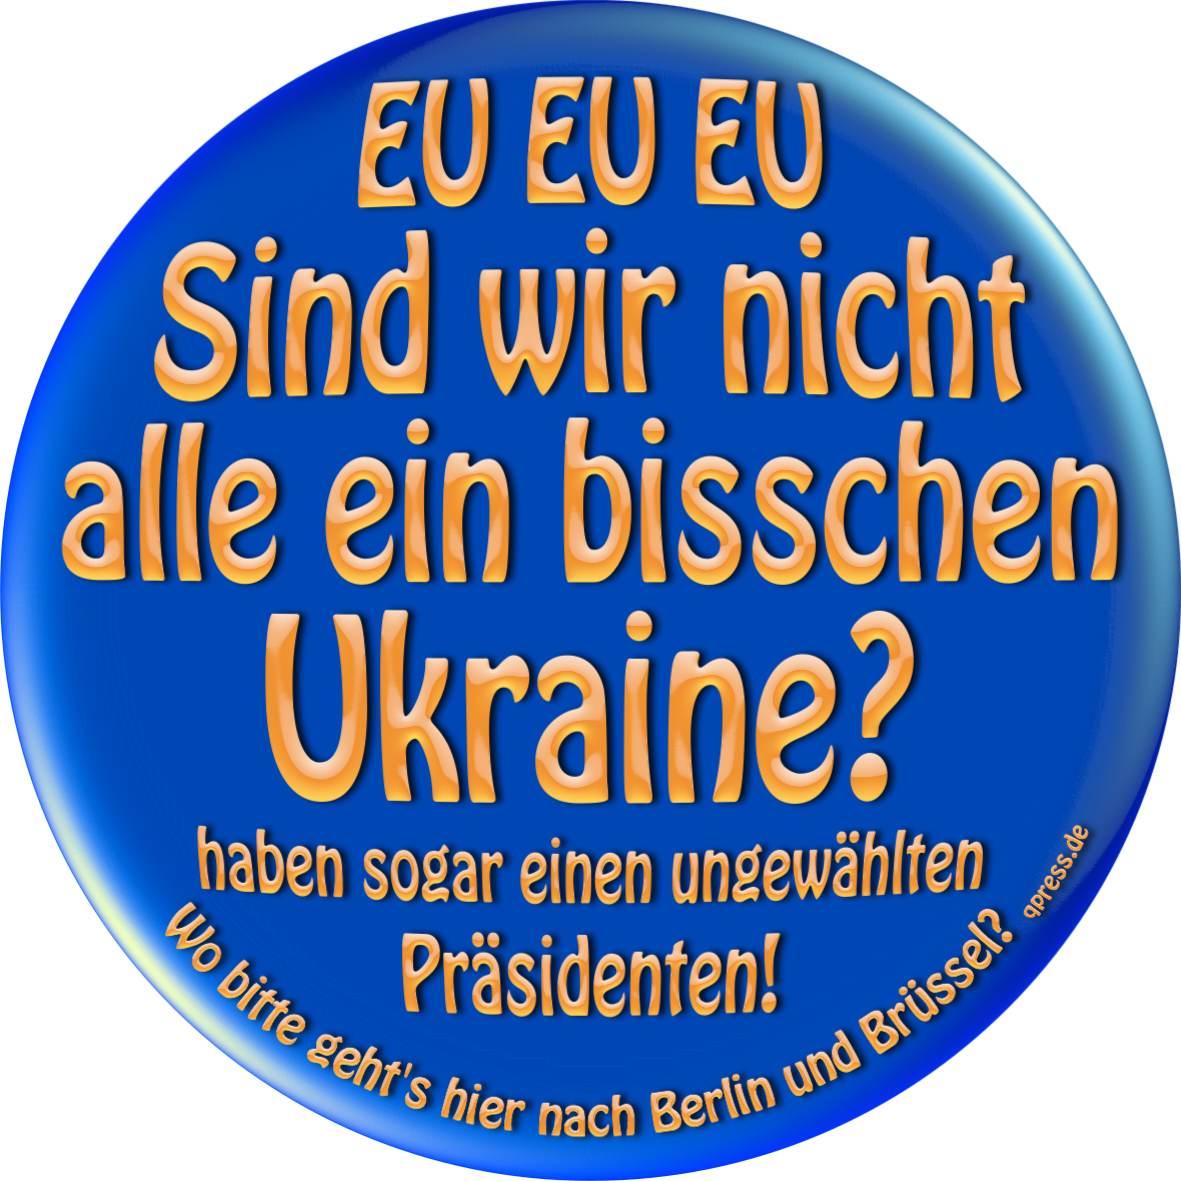 Liebe Ukrainer - Willkommen im Schlachthaus EU EU EU EU Sind wir nicht alle ein bisschen Ukraine